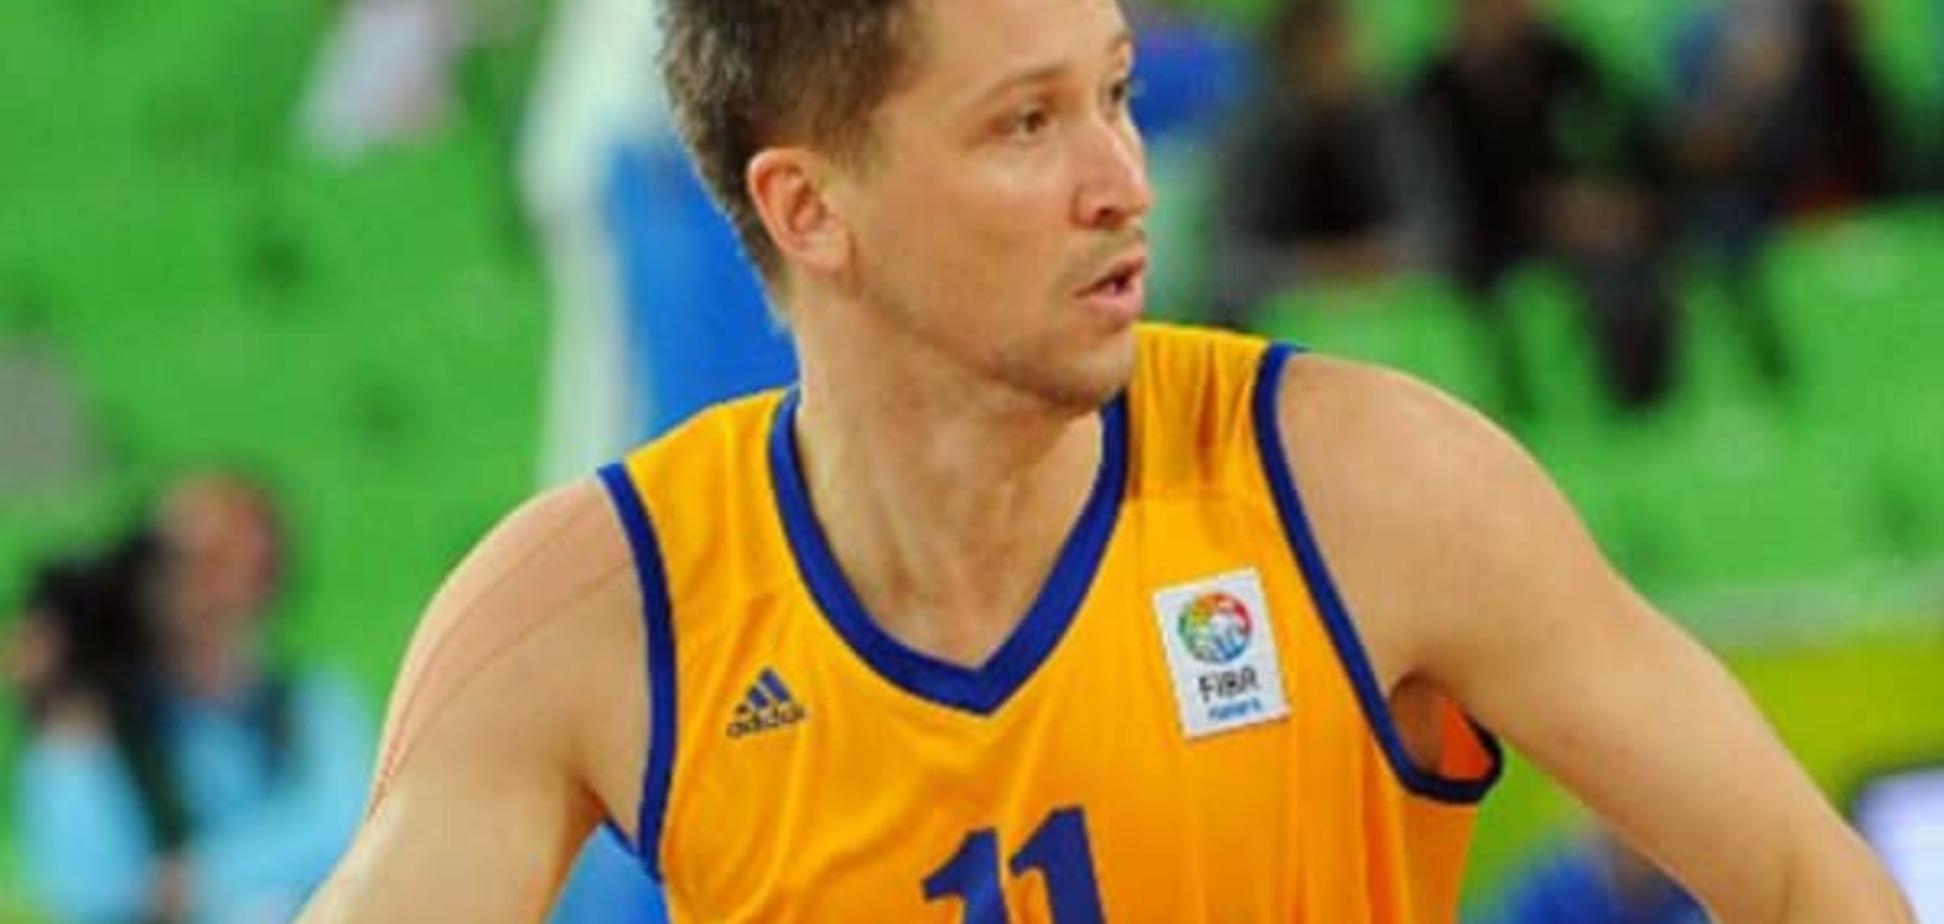 Плохое время. Экс-капитан сборной Украины дал прогноз на матч с Бельгией